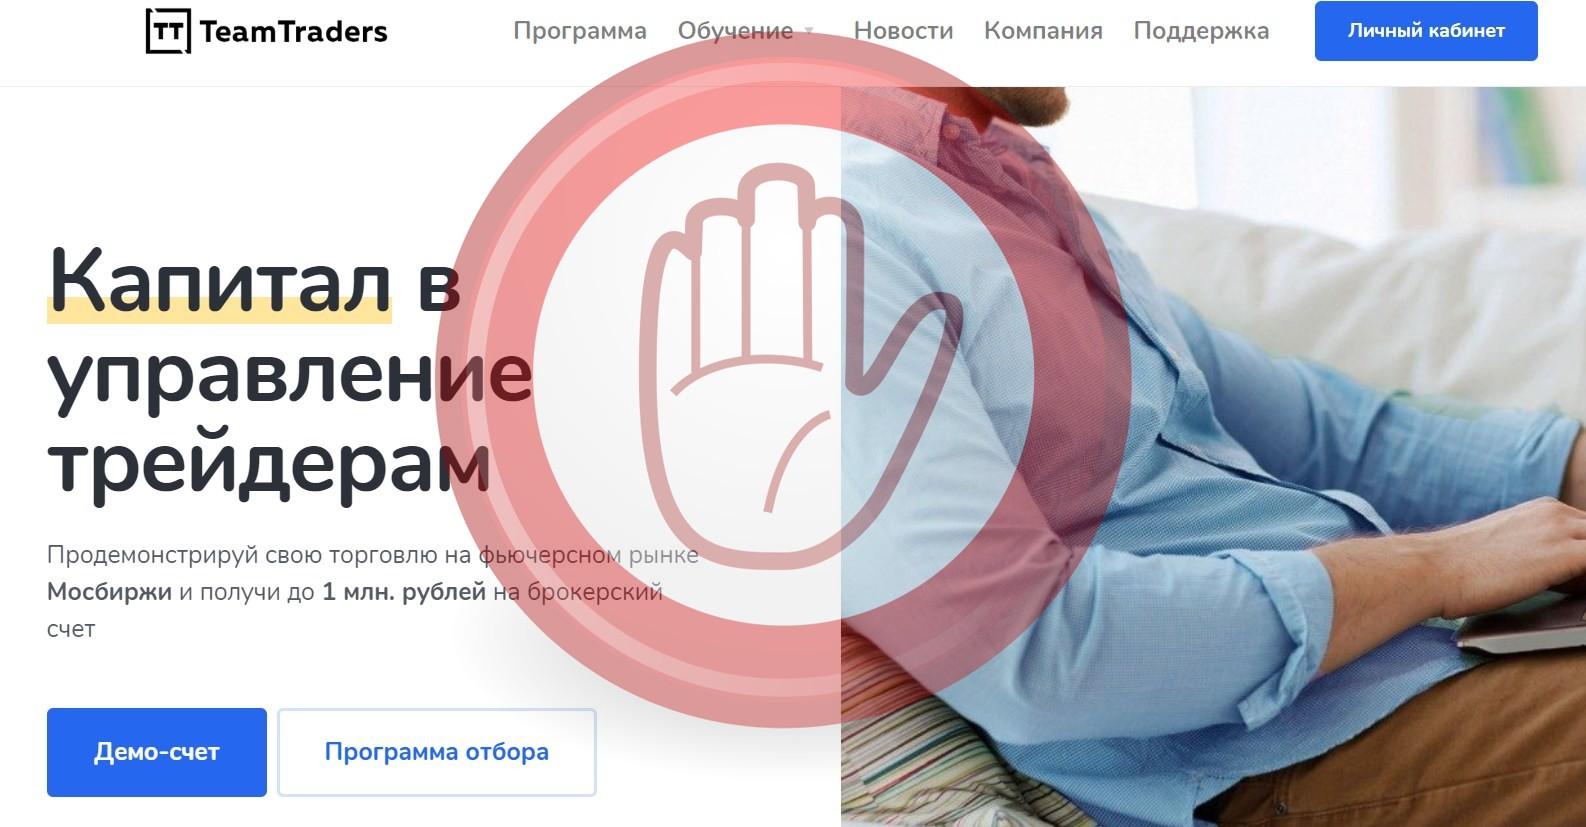 Team Traders, teamtraders.ru